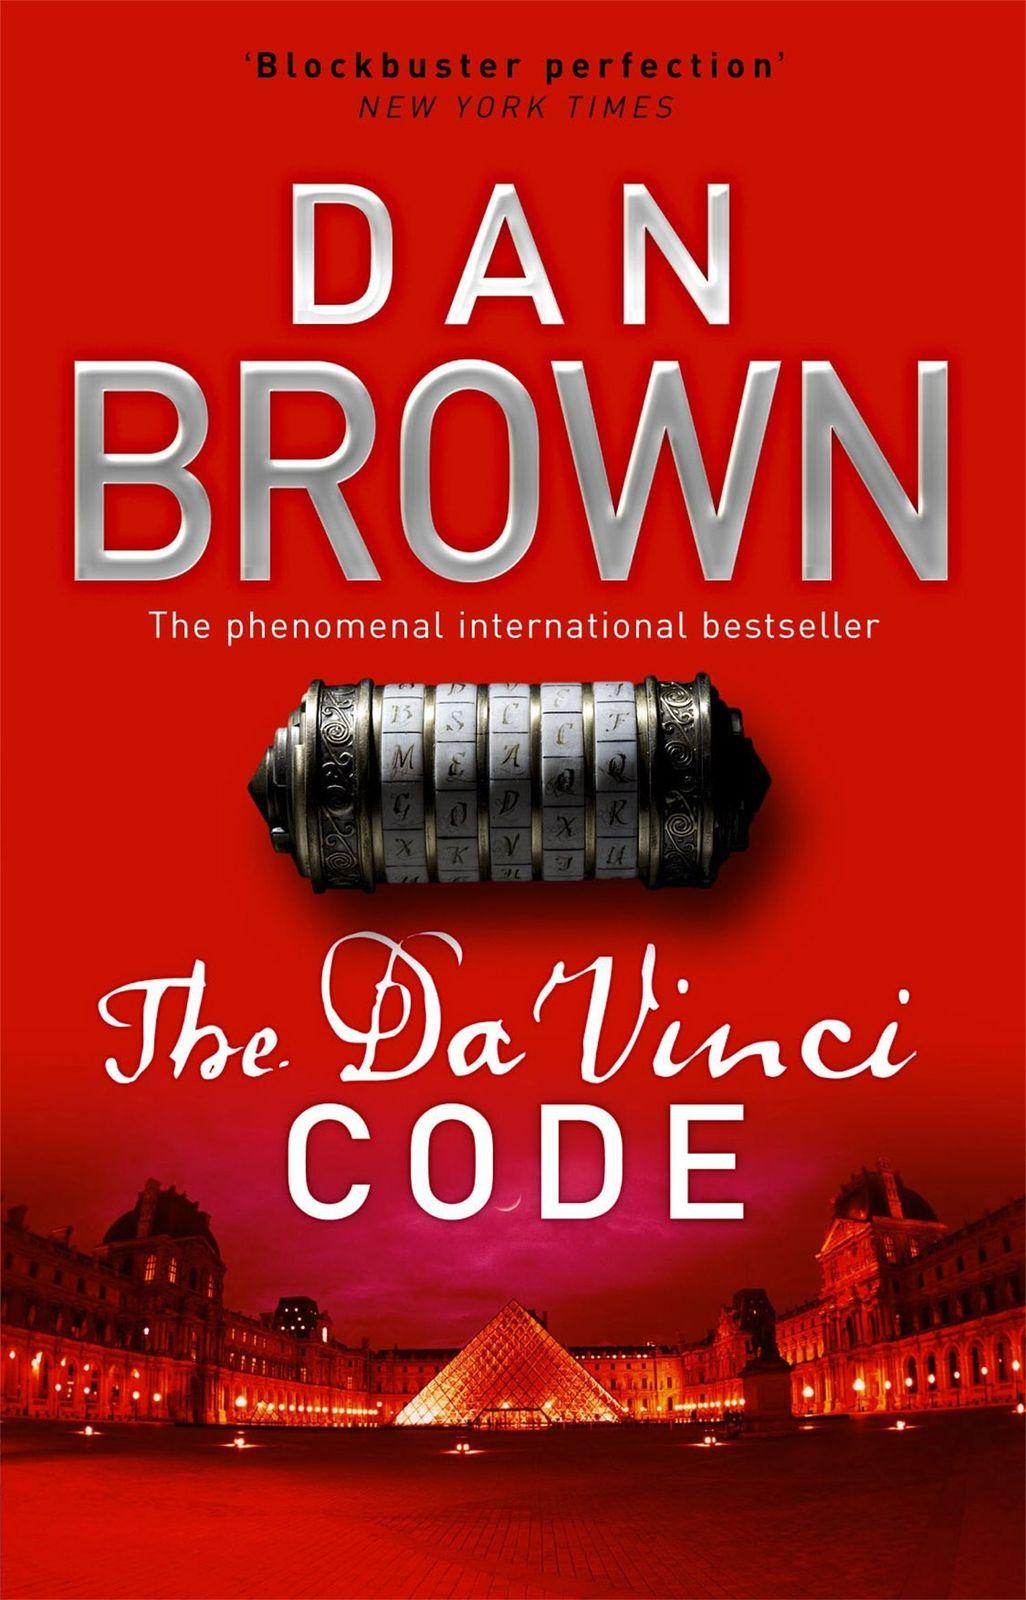 The Da Vinci Code by Dan Brown image